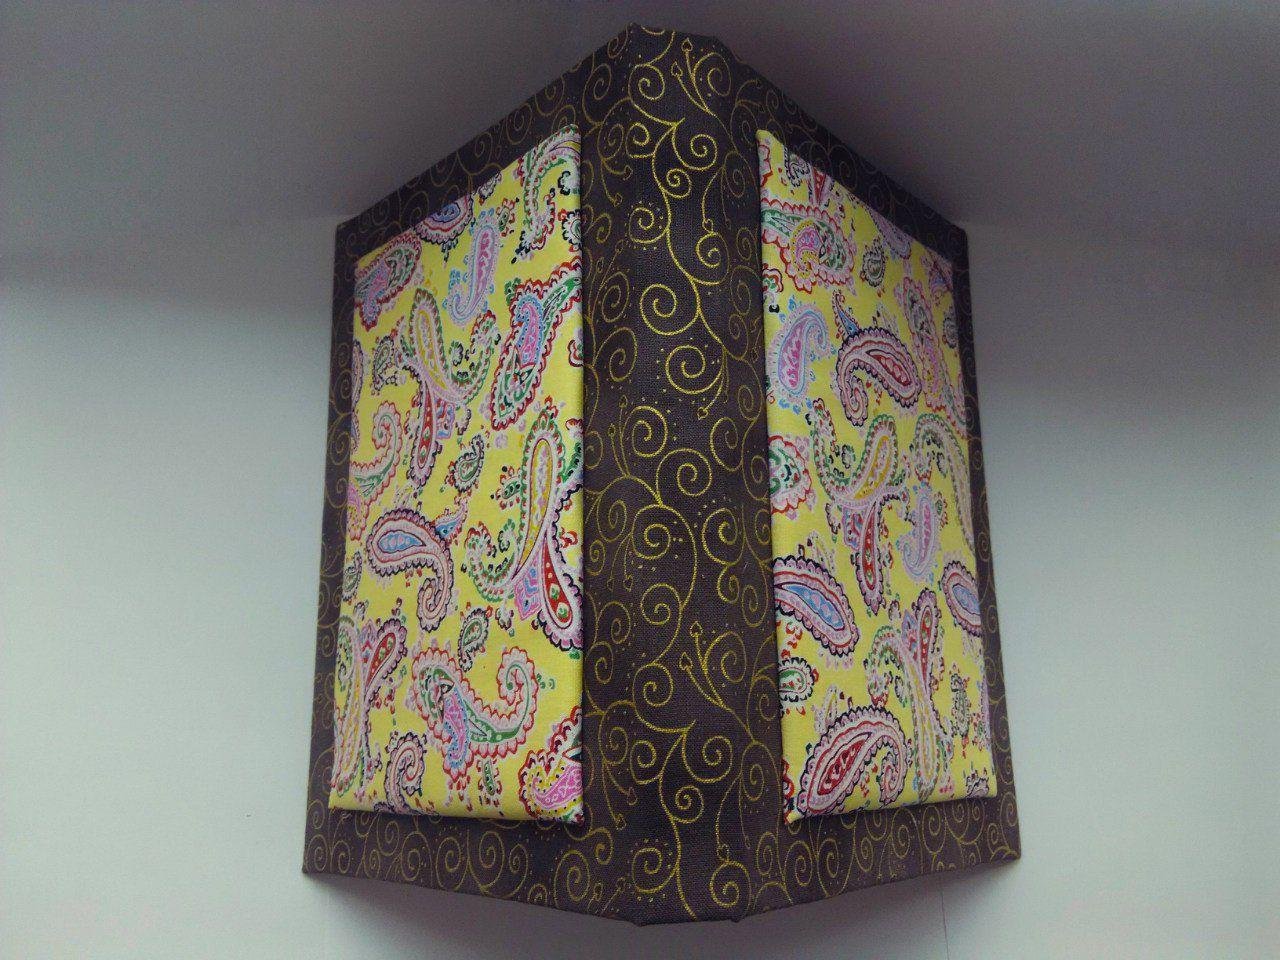 блокнот золотойорнамент состаренныелисты желтыепейсли тканевыйблокнот мягкаяобложка ручнаяработы